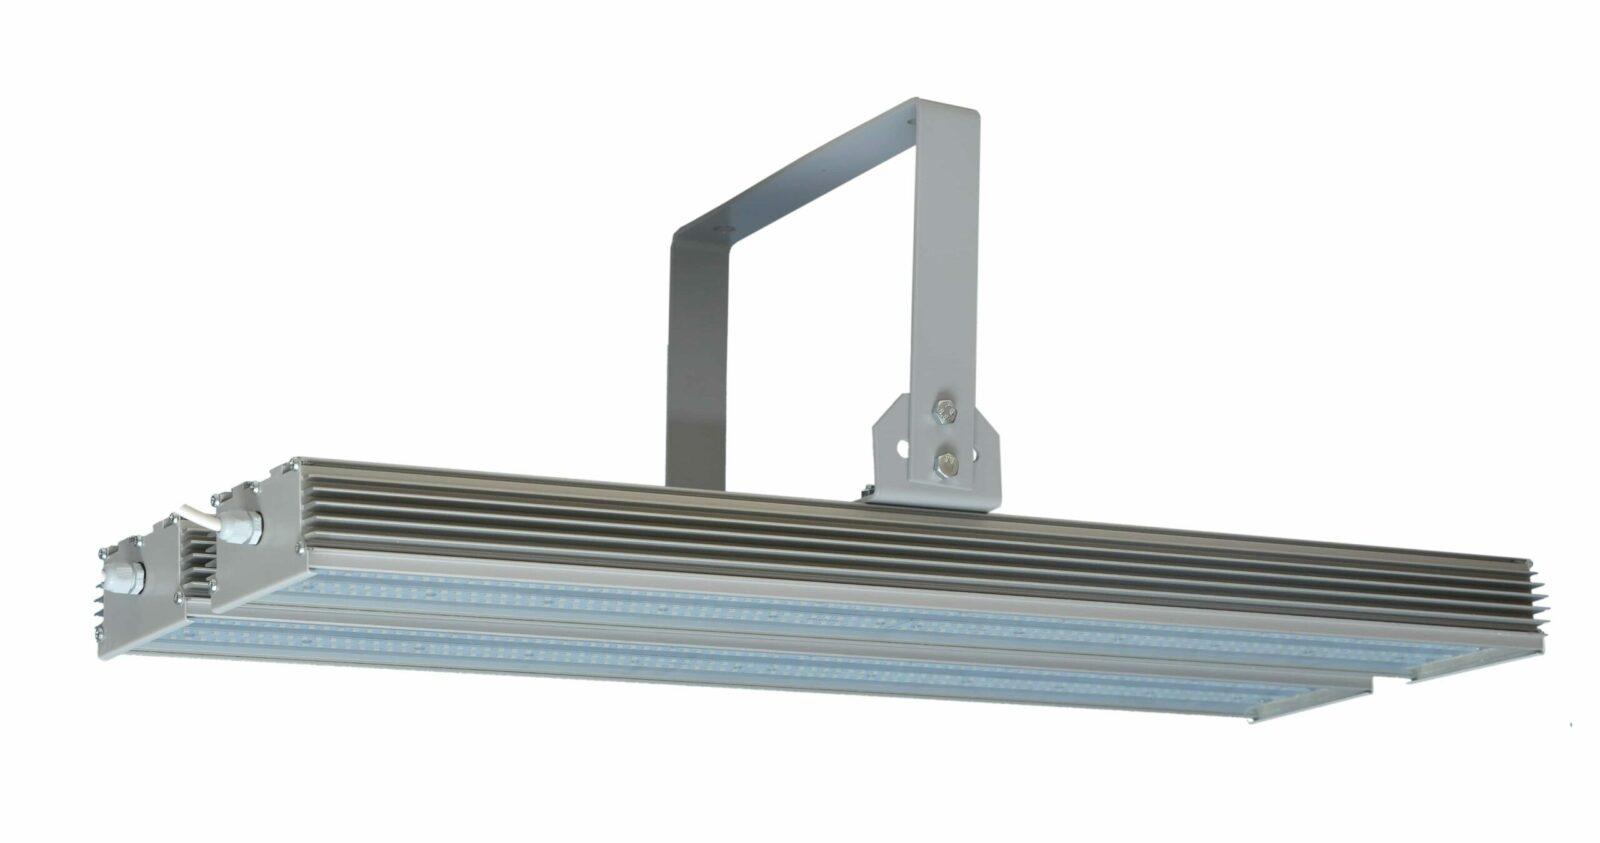 Уличный светодиодный светильник PLO 05-010-5-300 Вт (2х150) Лира